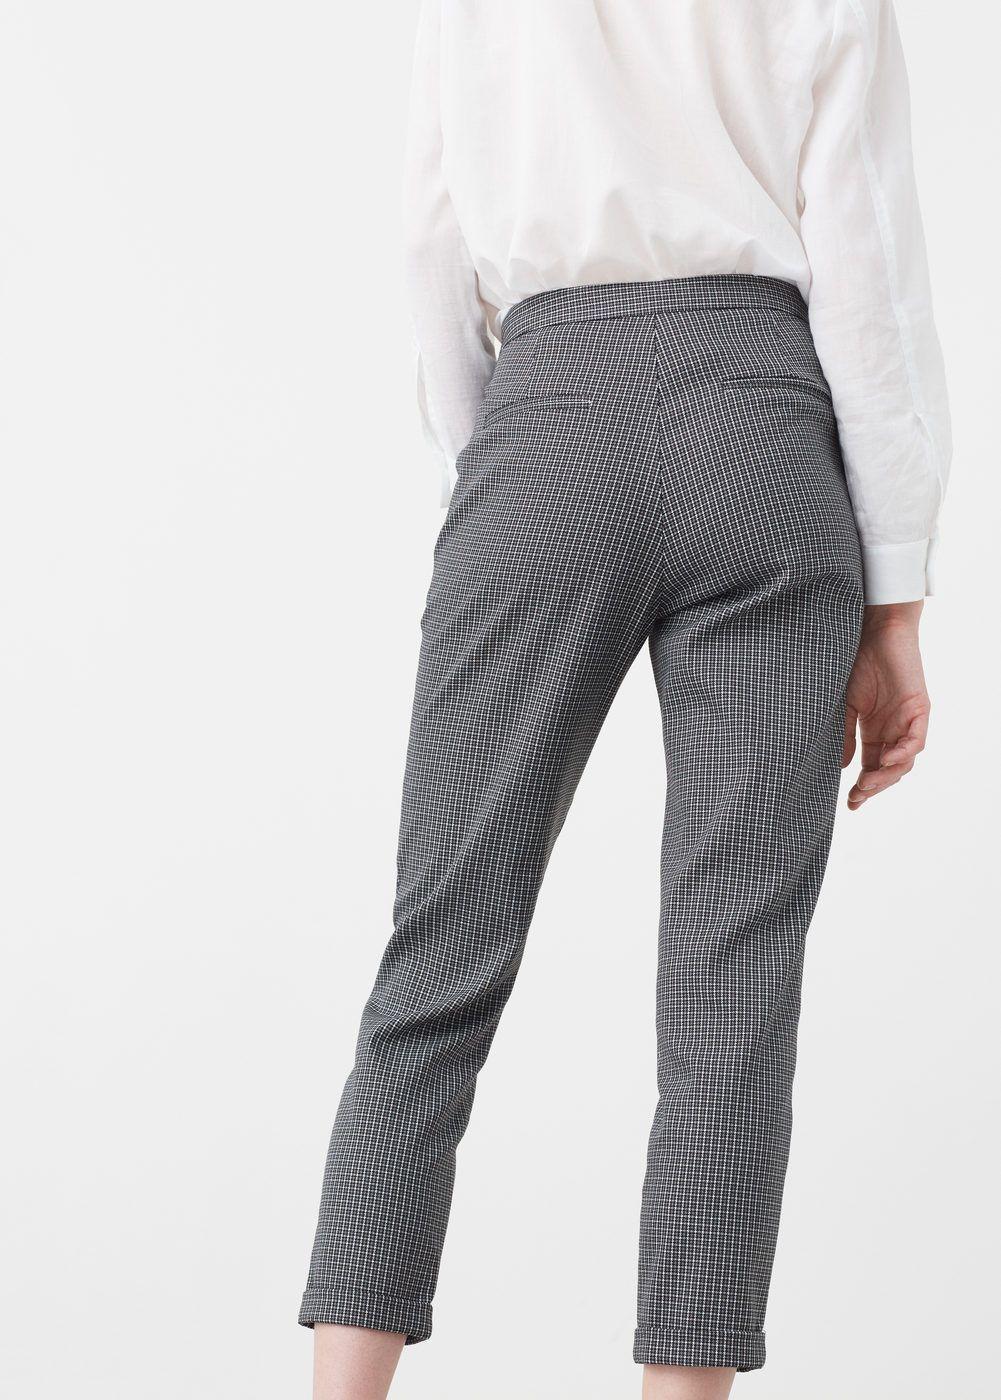 f55f503f34 Pantalón algodón estampado - Mujer. Pantalón algodón estampado